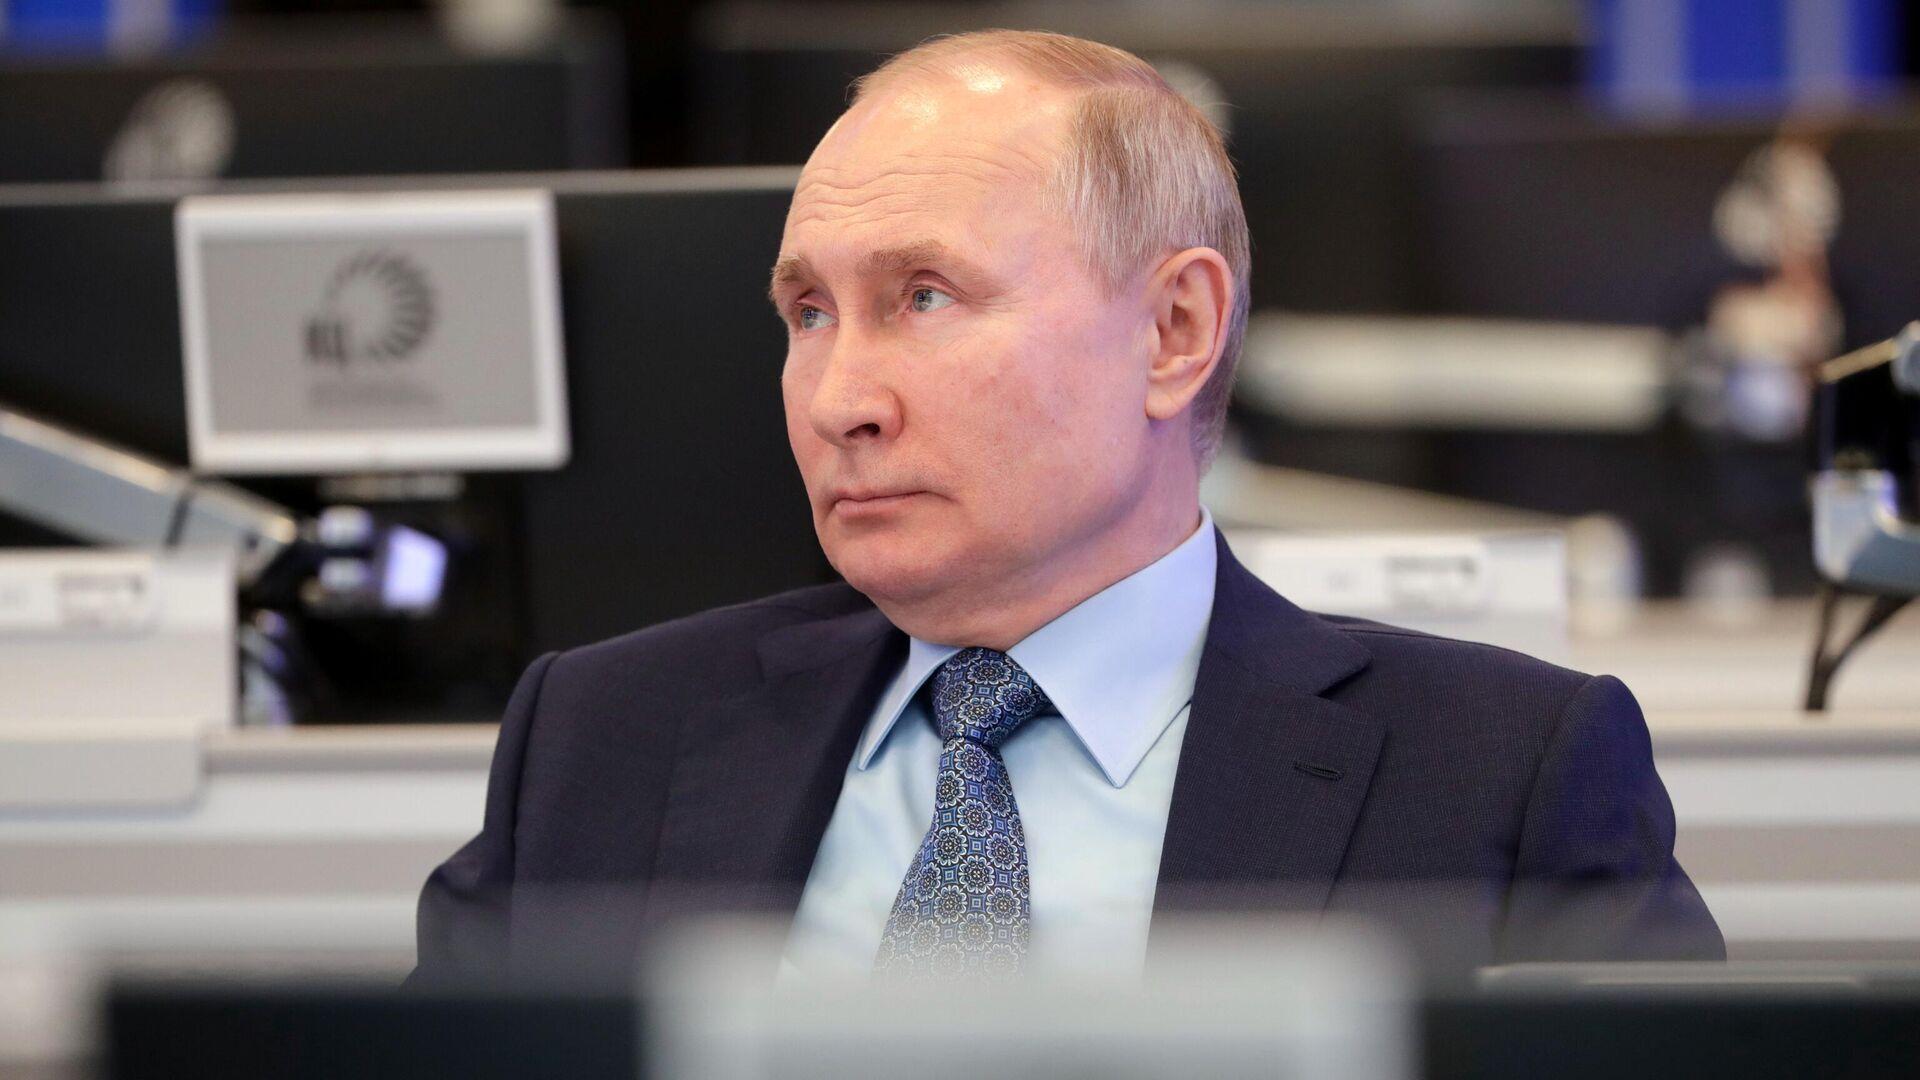 Президент РФ Владимир Путин во время посещения Координационного центра правительства РФ. - РИА Новости, 1920, 14.04.2021